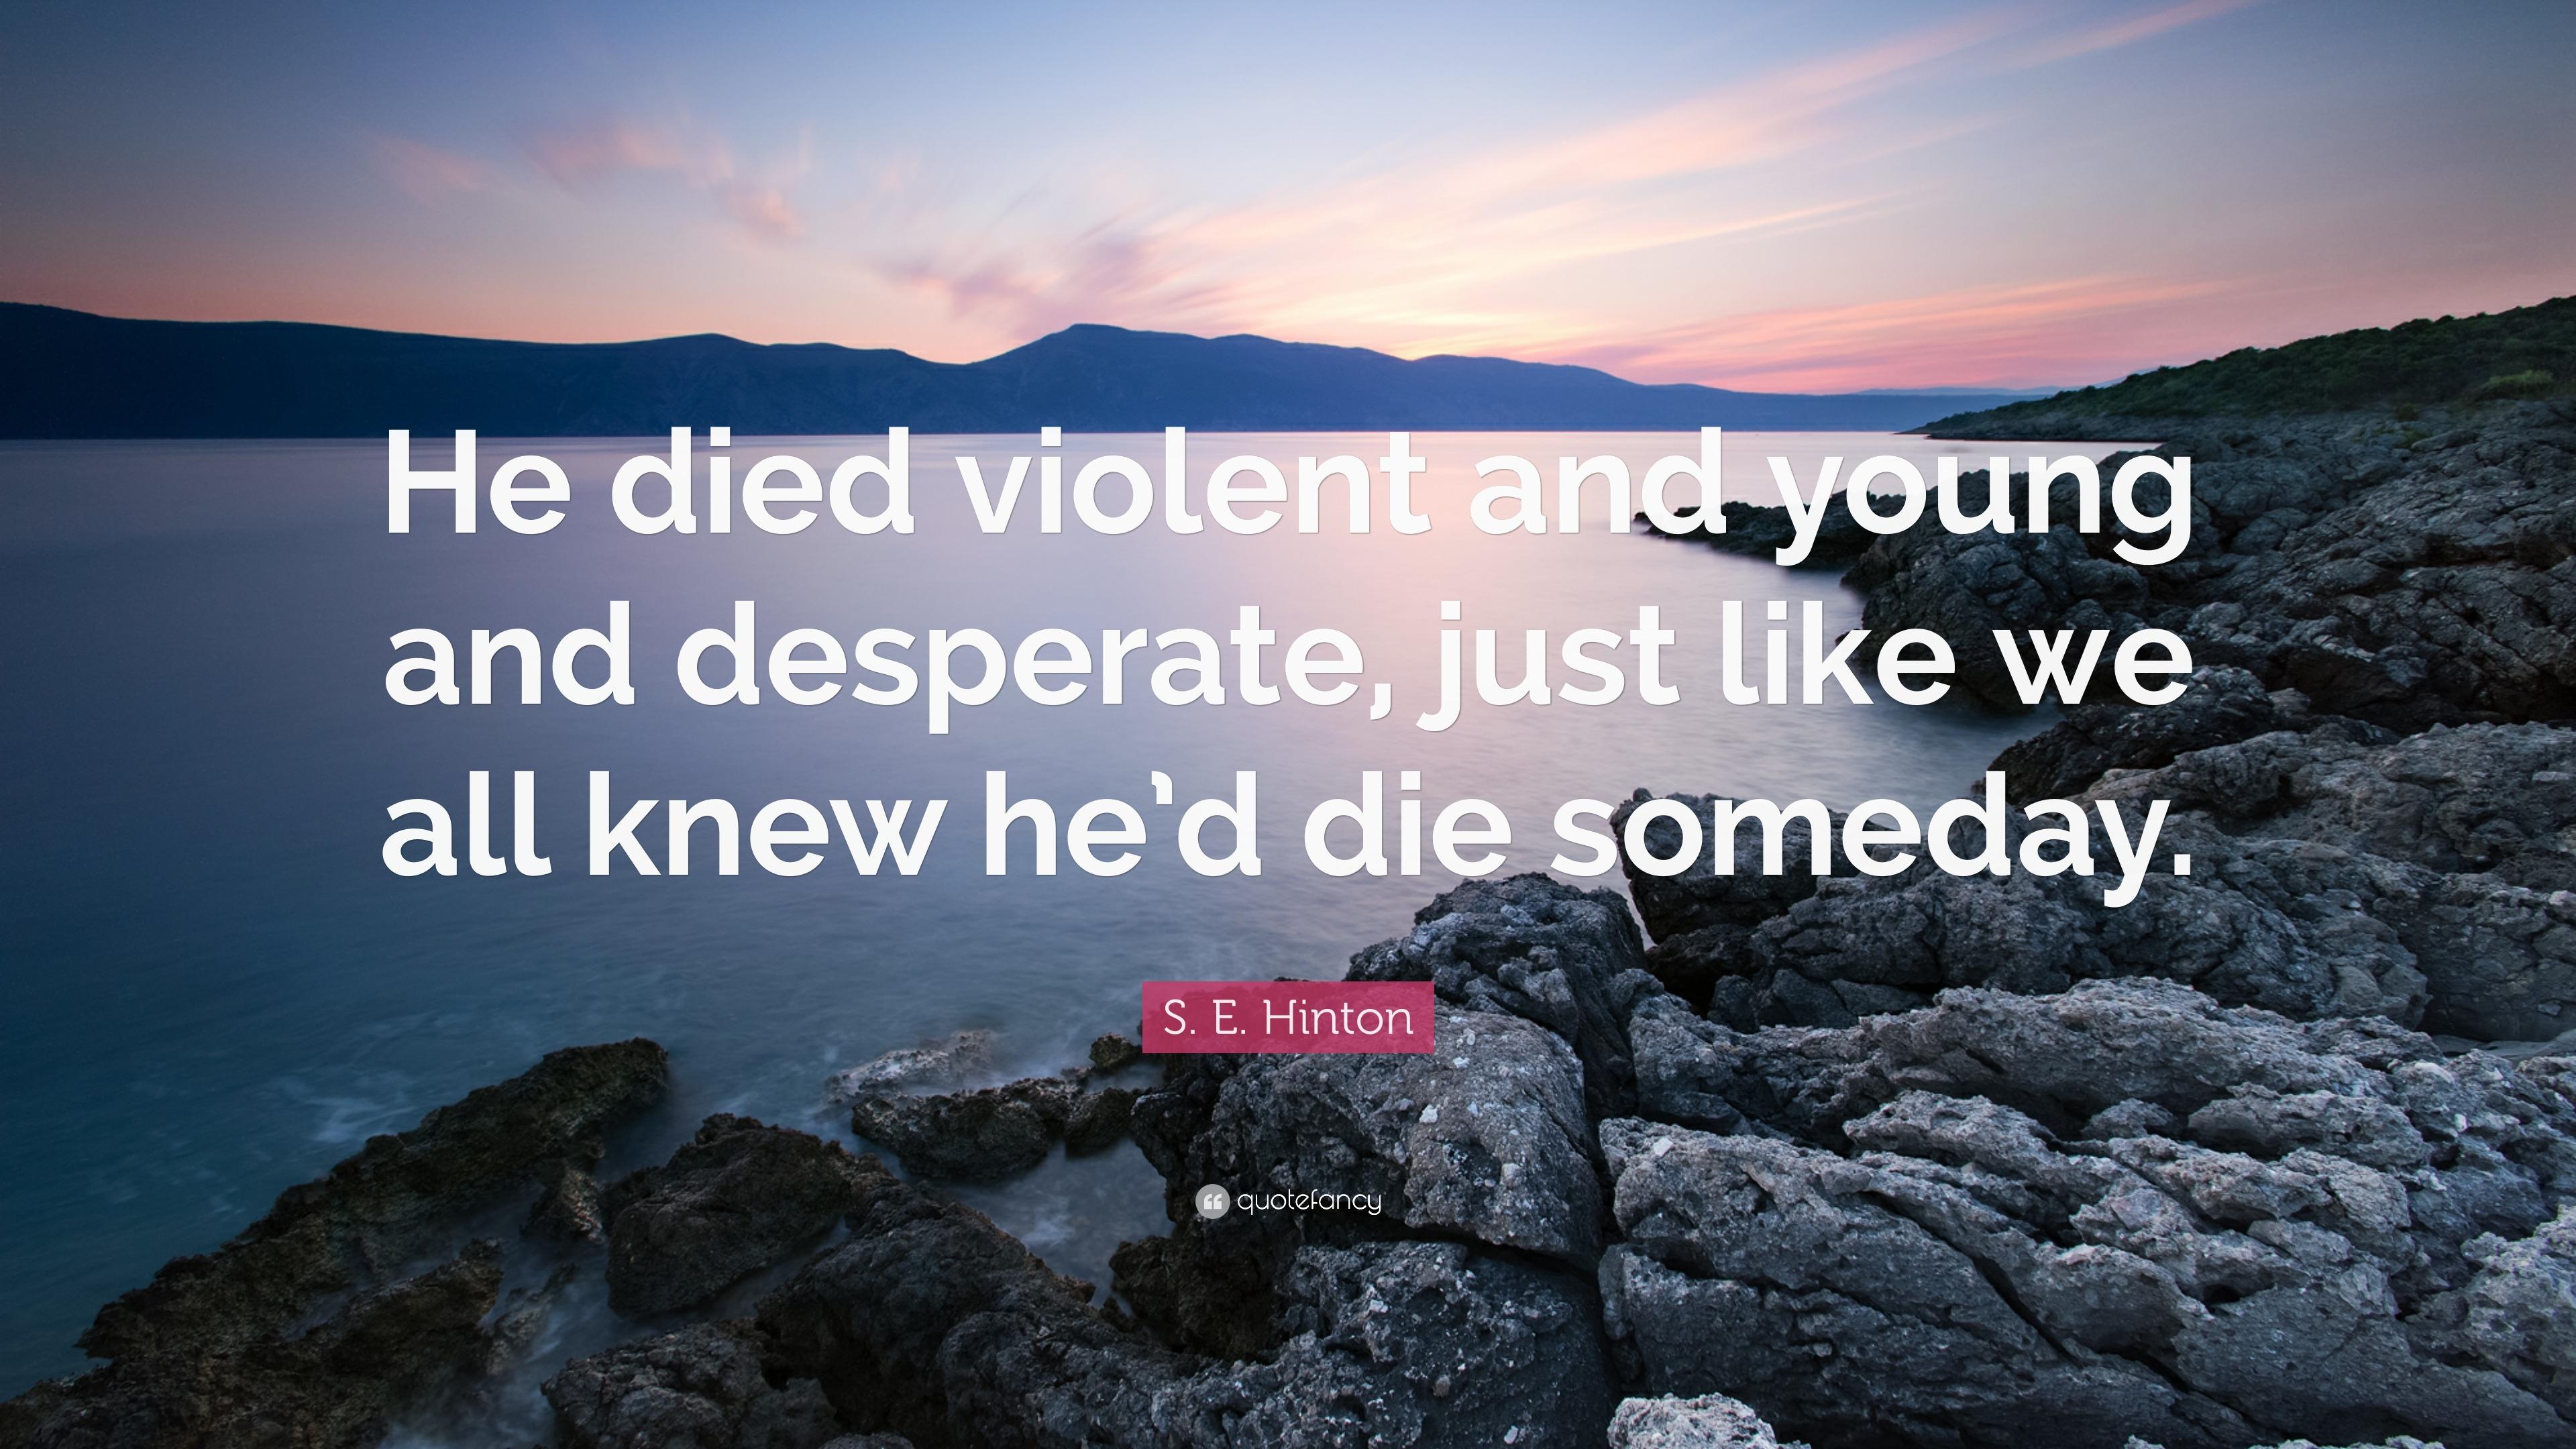 se hinton death